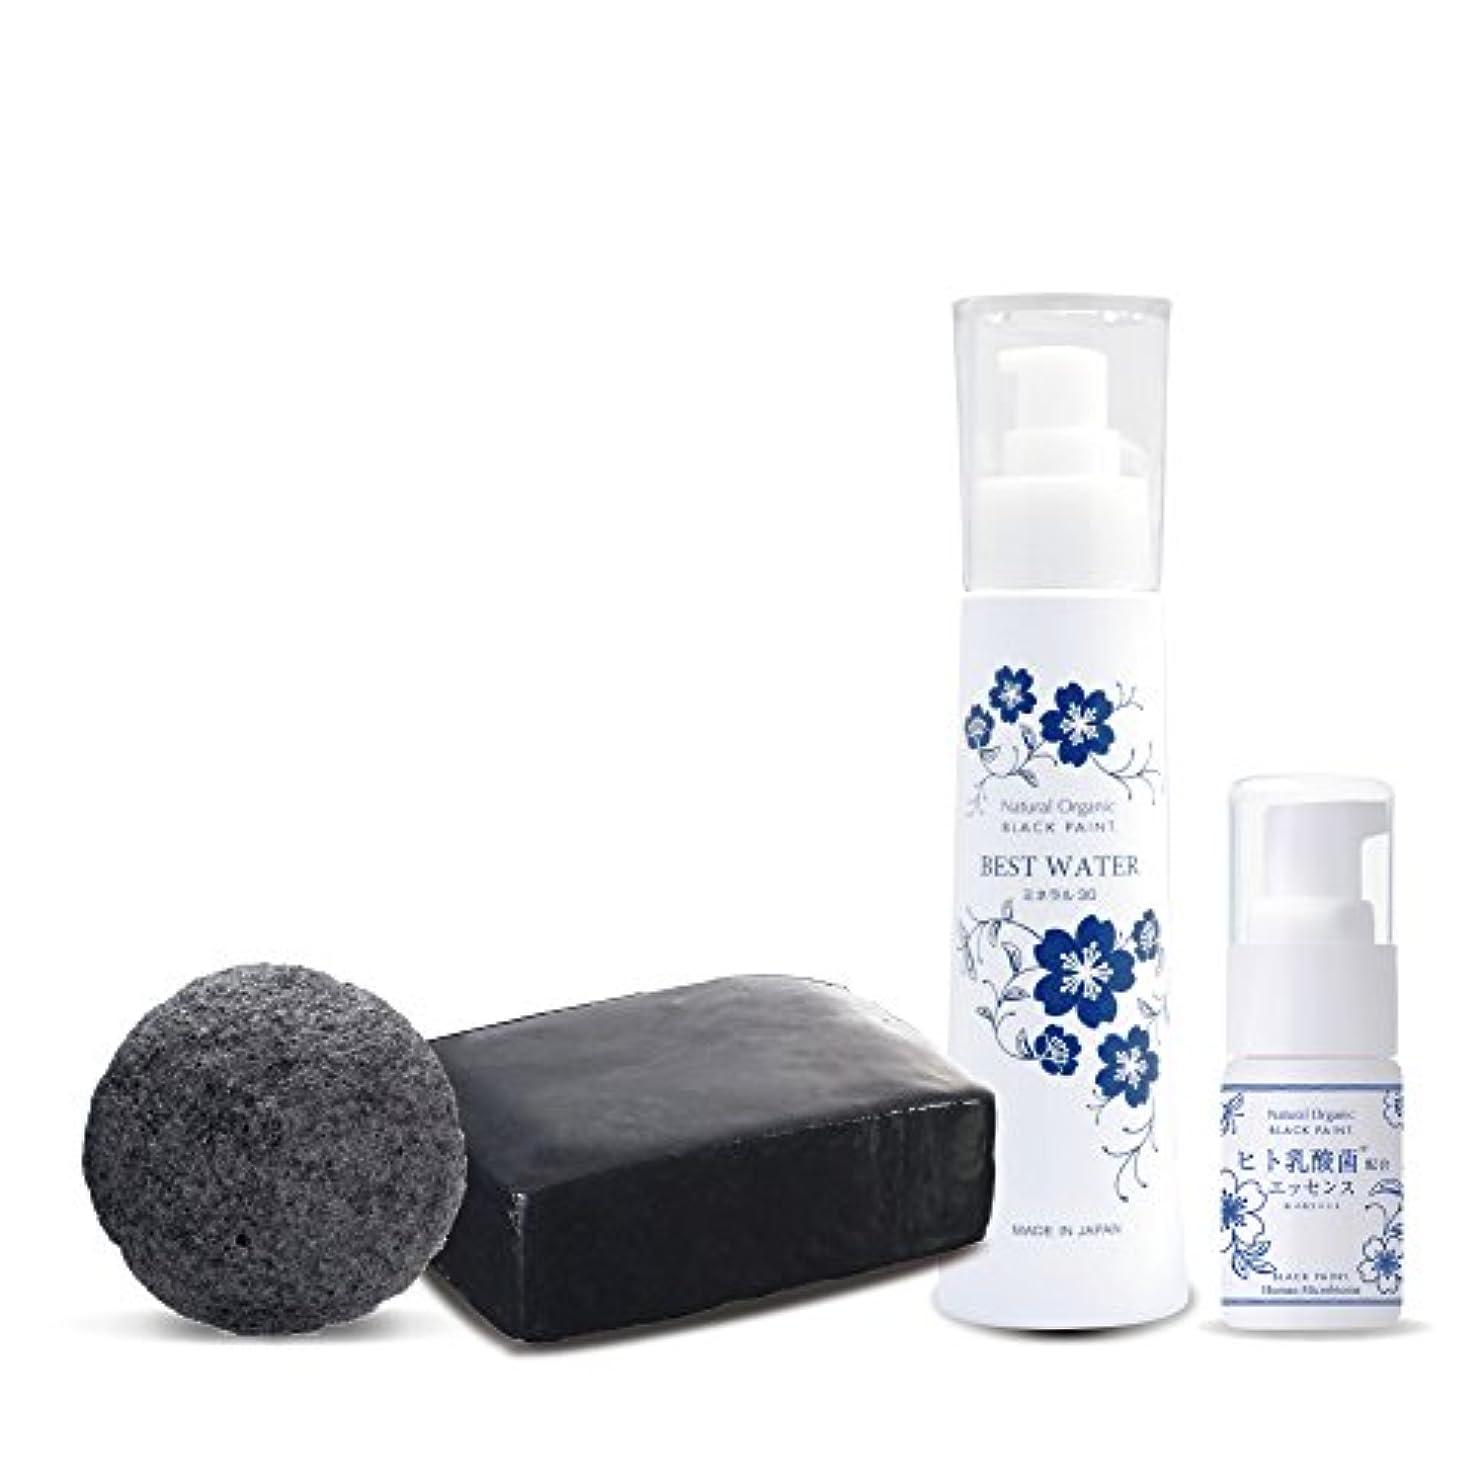 値敬意を表して伝染性のヒト乳酸菌エッセンス10ml&ブラックペイント60g&ブラックスポンジミニ&ベストウォーター100ml 洗顔セット